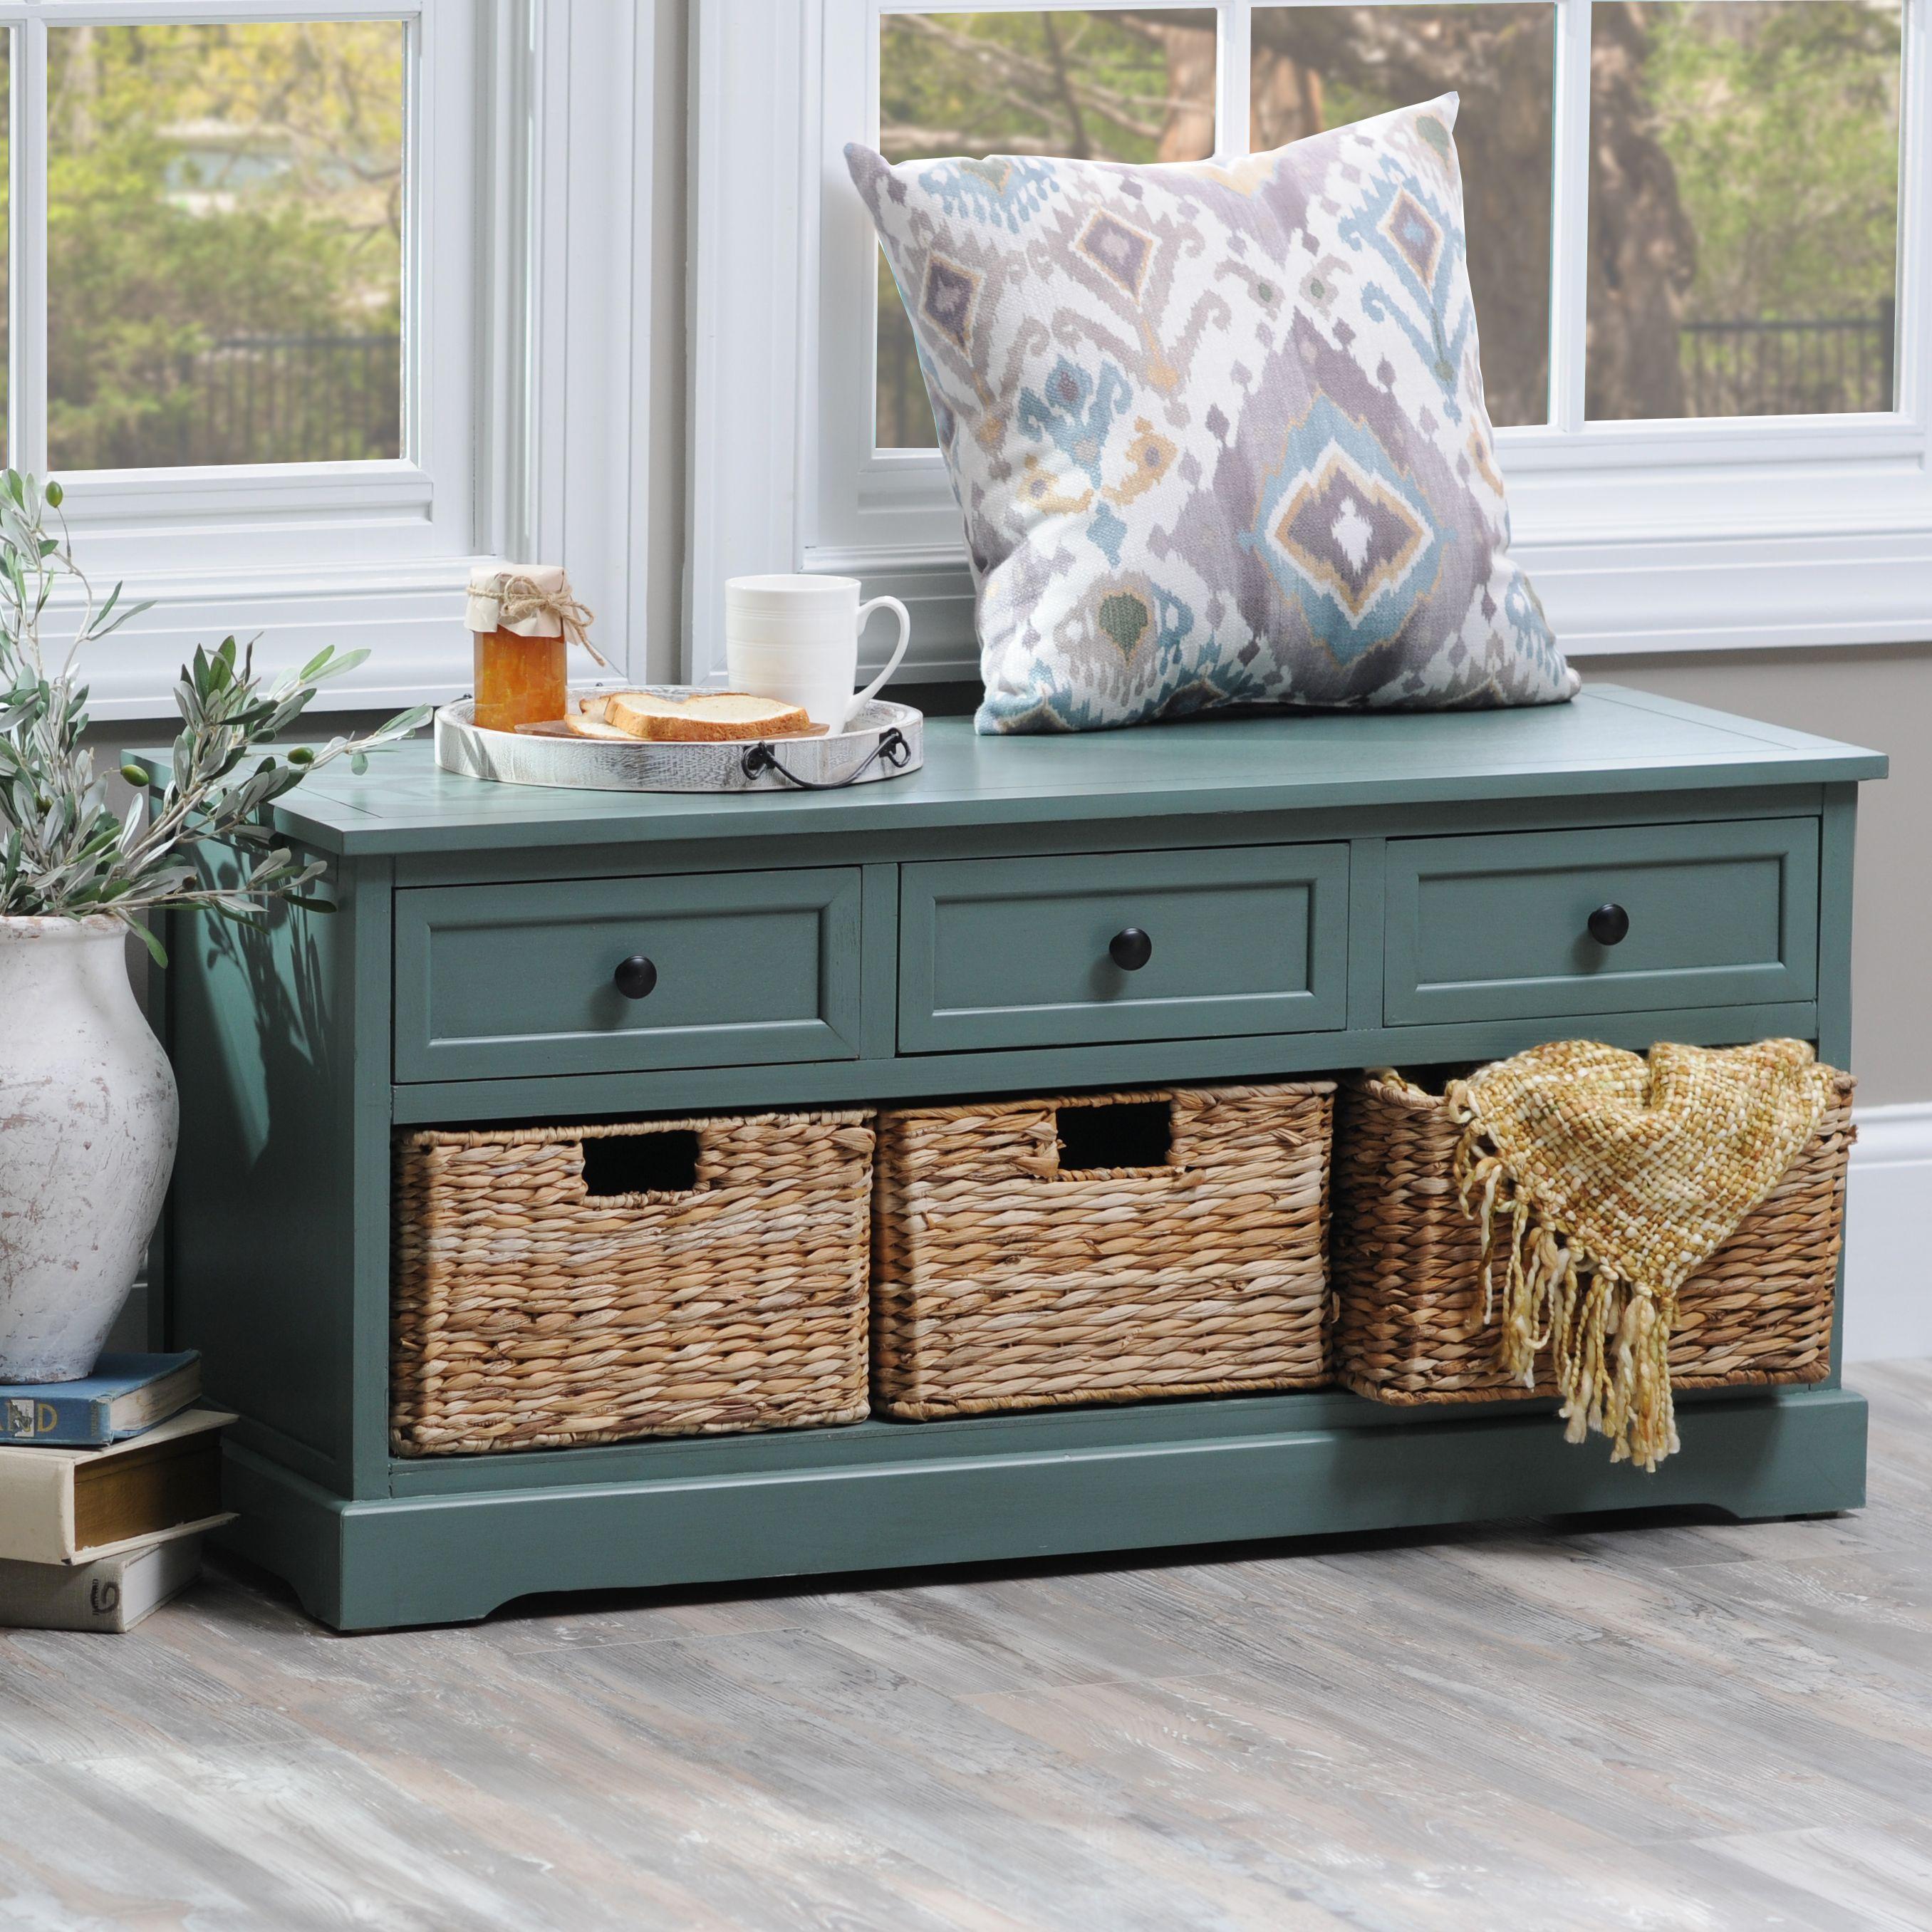 Blue 6Drawer Storage Bench with Baskets Storage bench